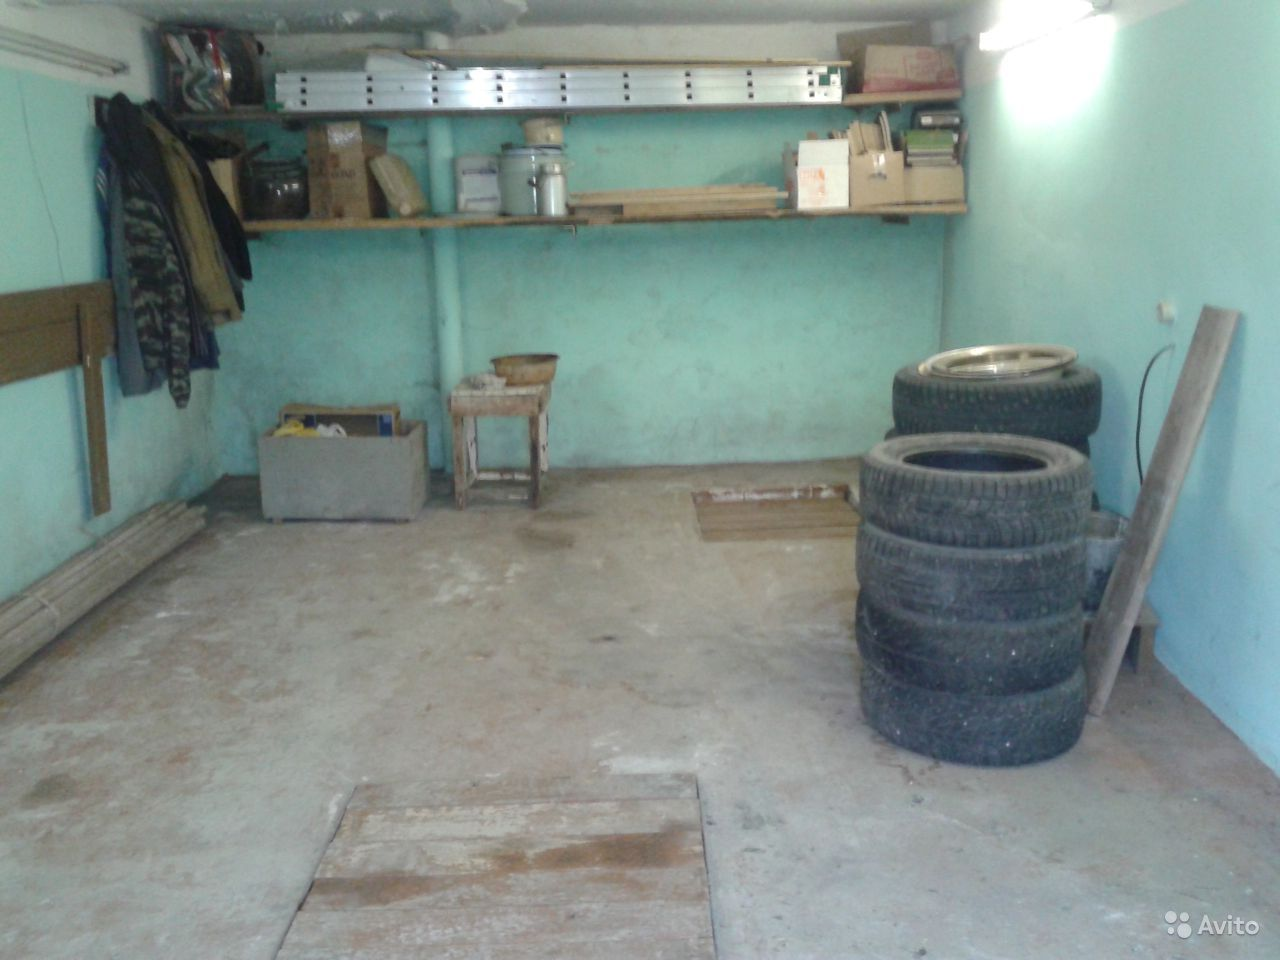 Фото миньета в заводской охране 5 фотография